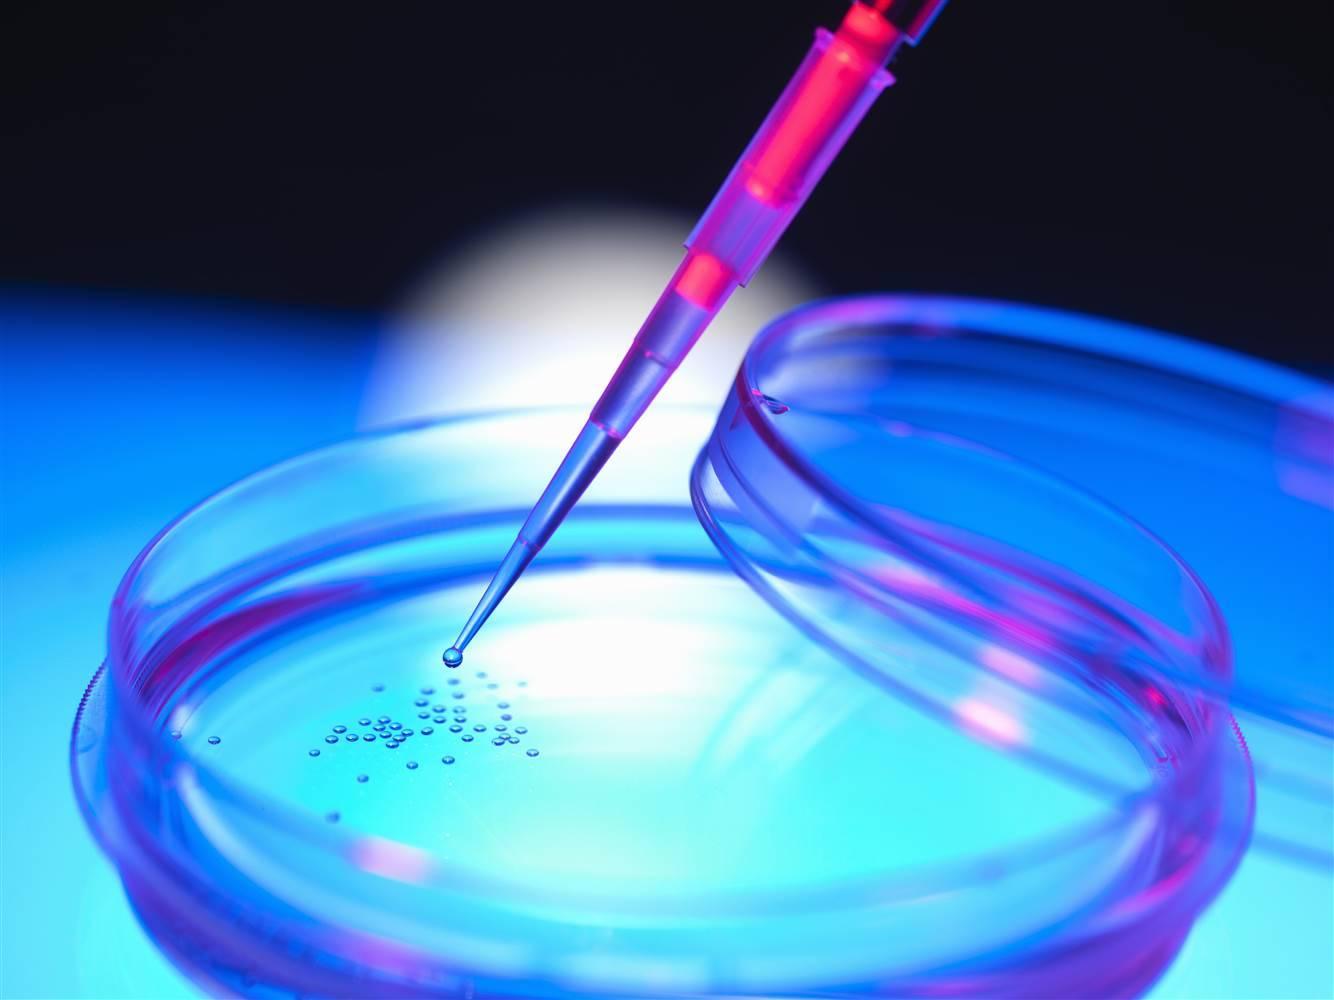 سلول های بنیادی و نیازهای بهداشتی مردم گیلان